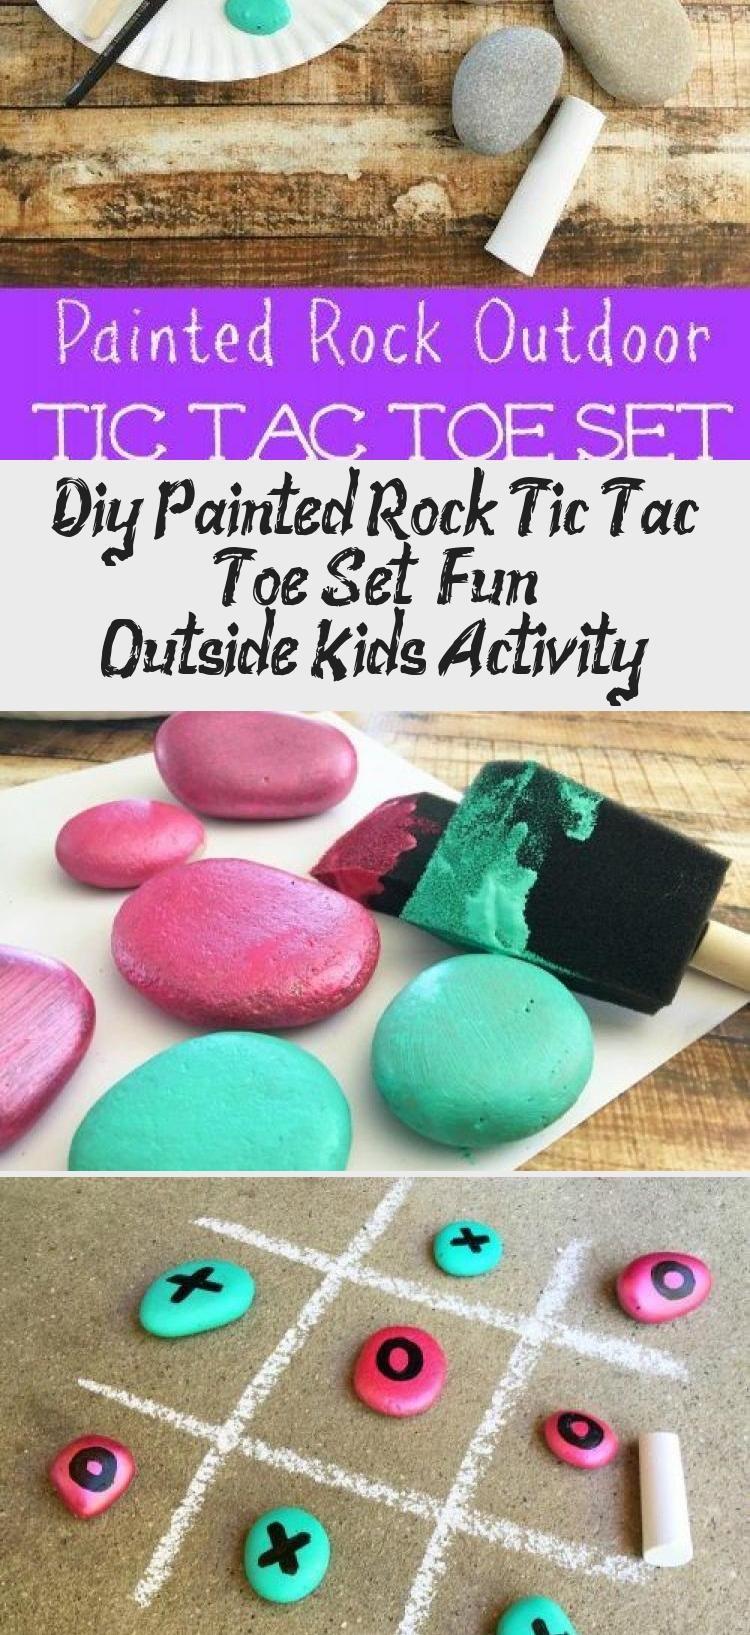 Pin on Kids Activities